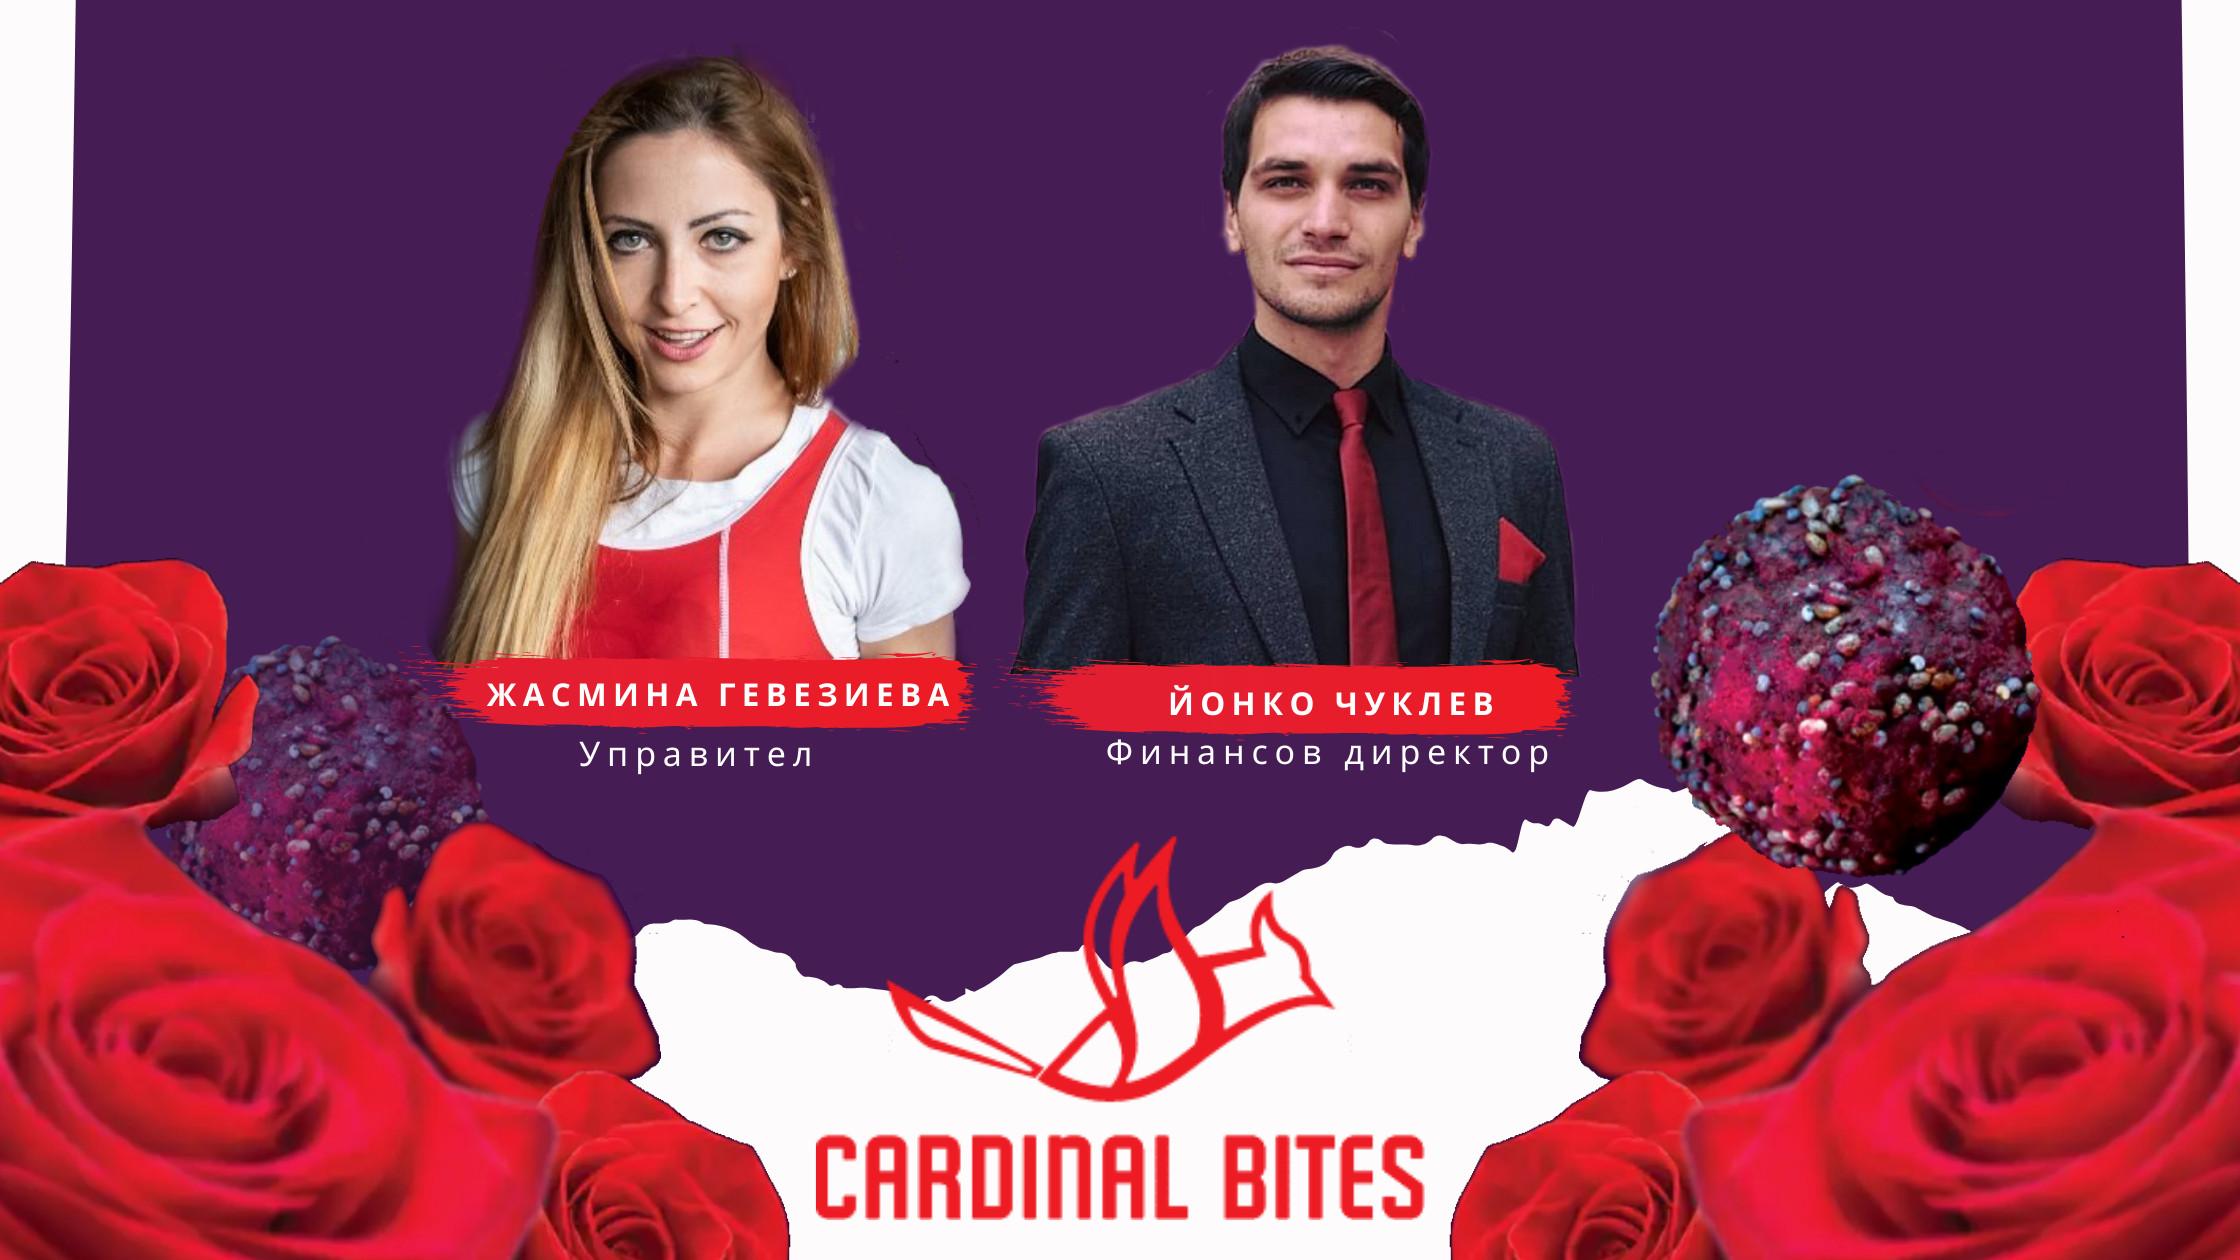 Cardinal Bites: Първите протеинови бонбони без добавена захар в България